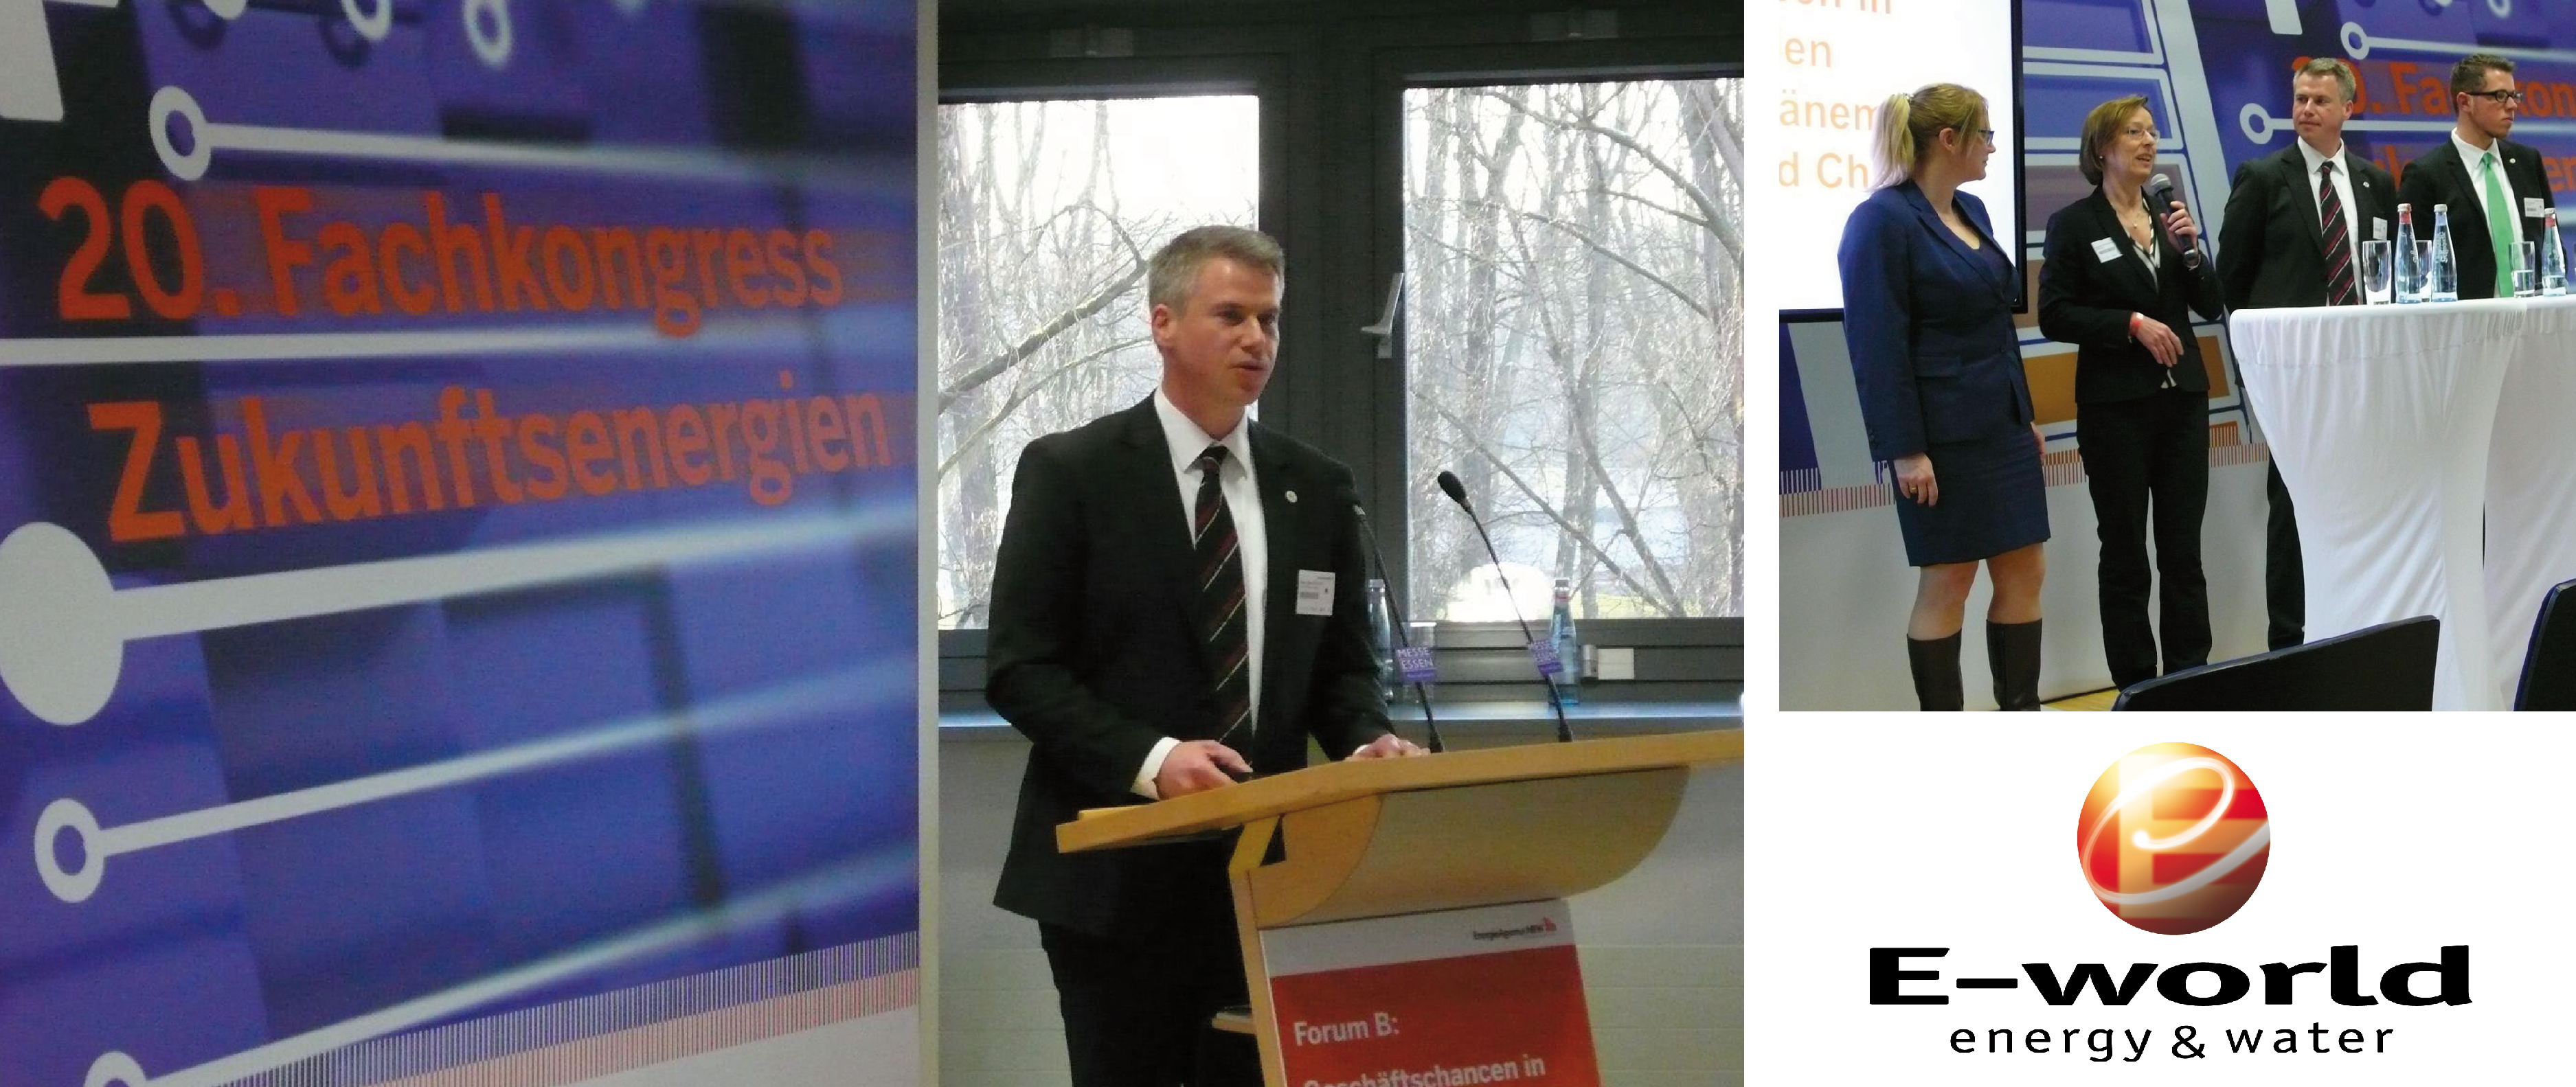 20. Fachkongress Zukunftsenergien auf der E-world 2016 in Essen